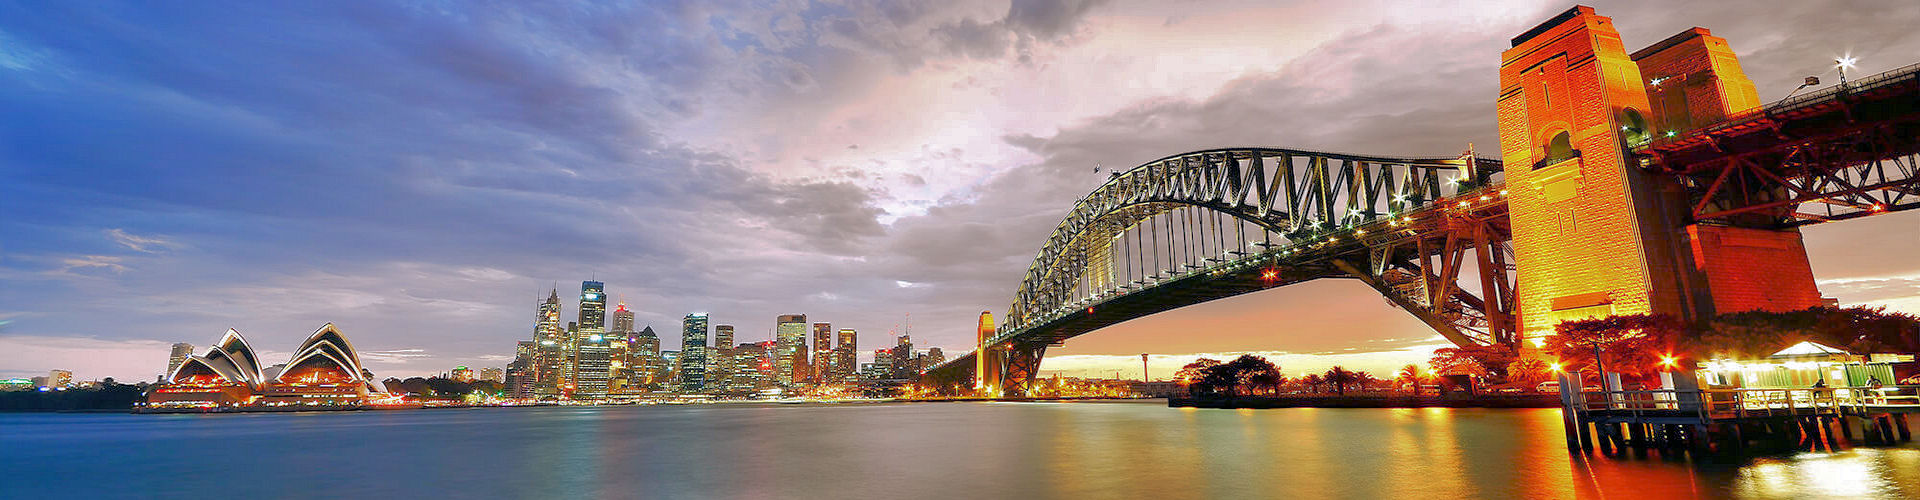 Sydney SEO